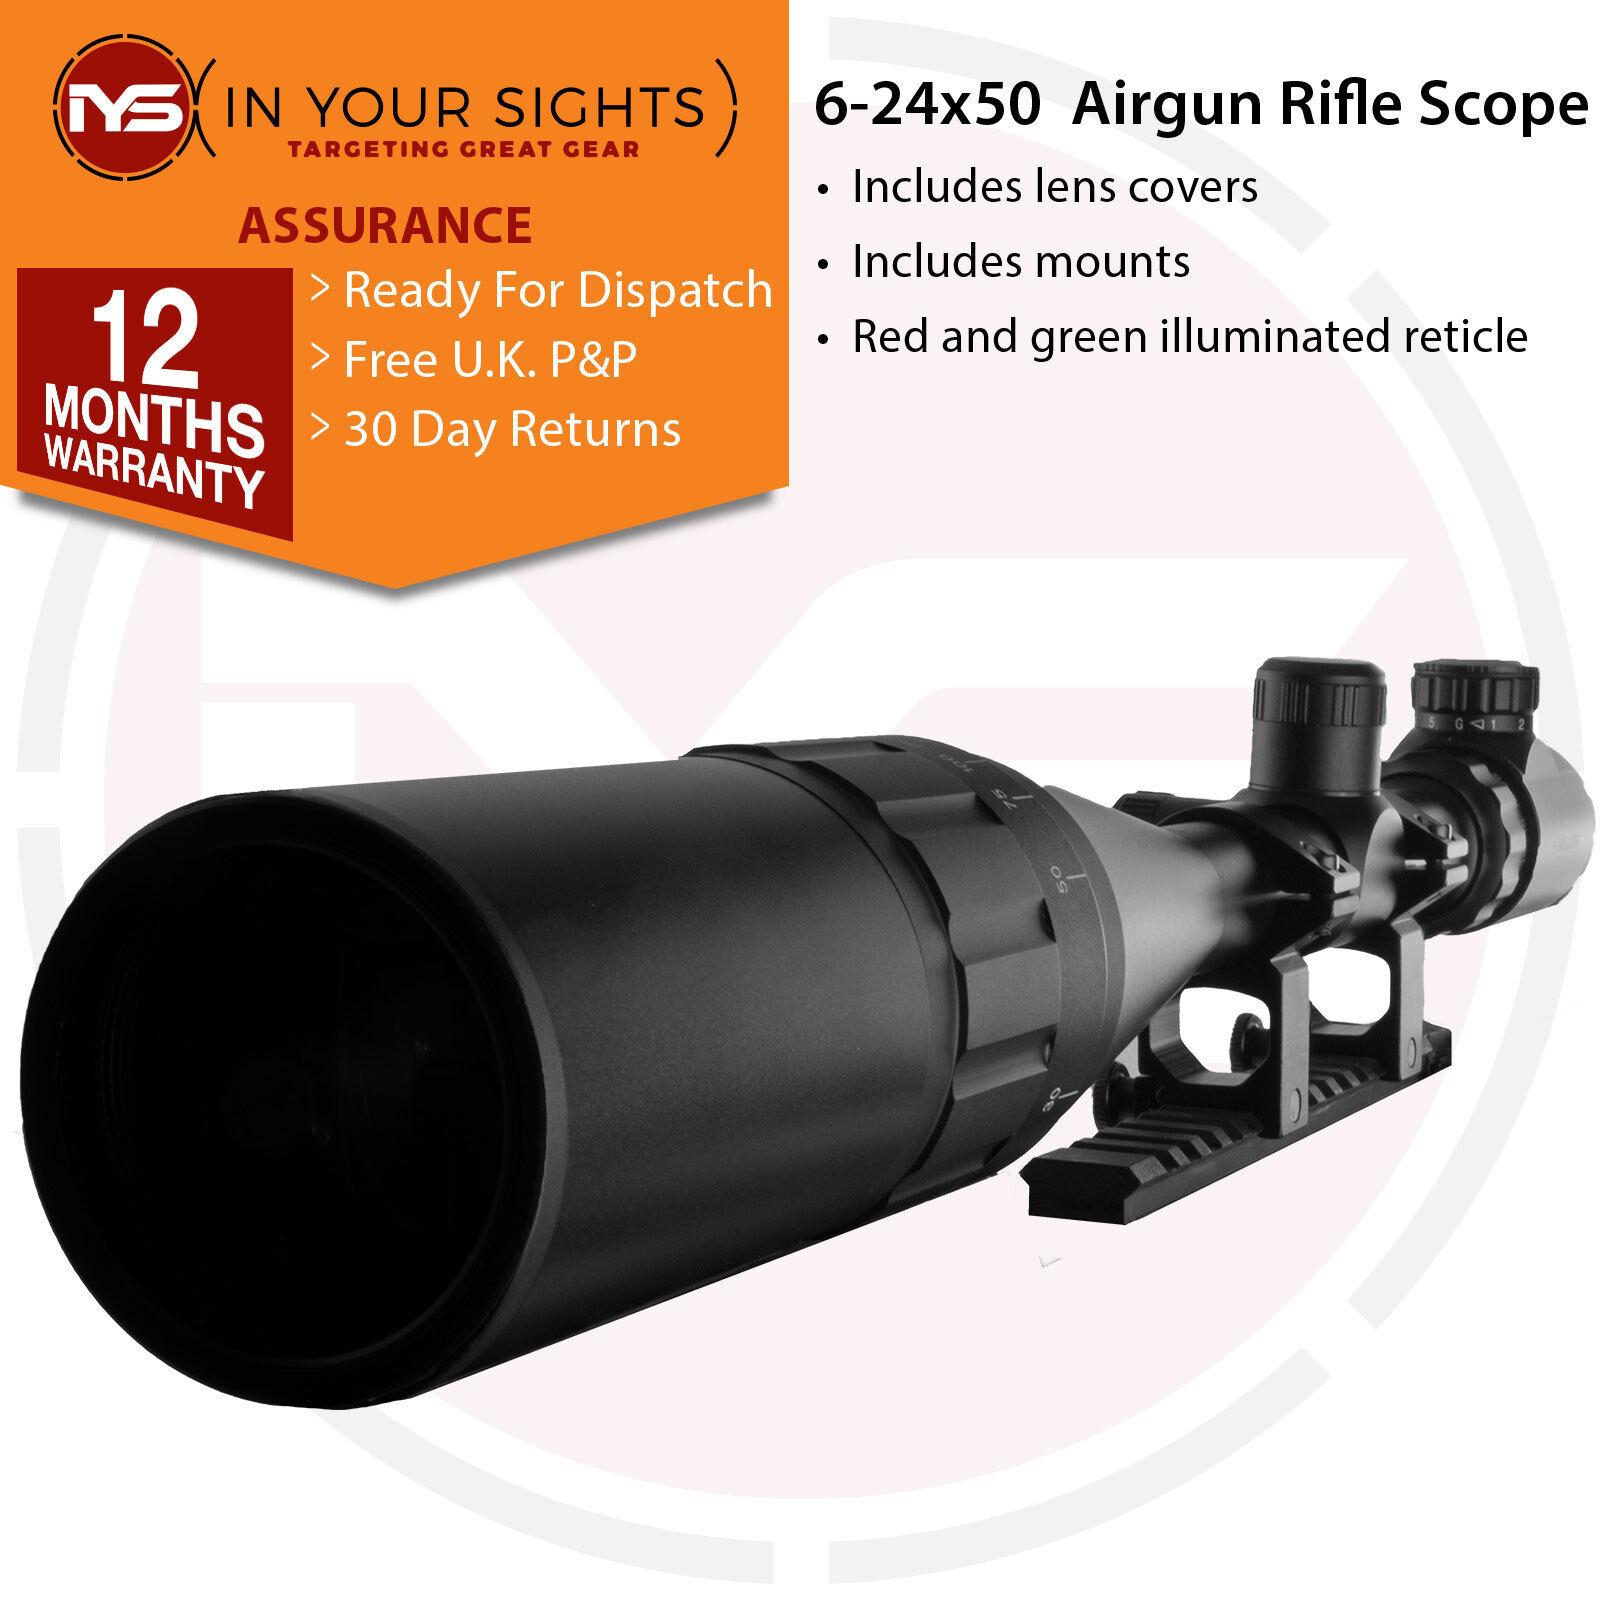 Mira Para Rifle 6-24x50 Aire retícula iluminada Rimfire alcance + montajes de cola de milano